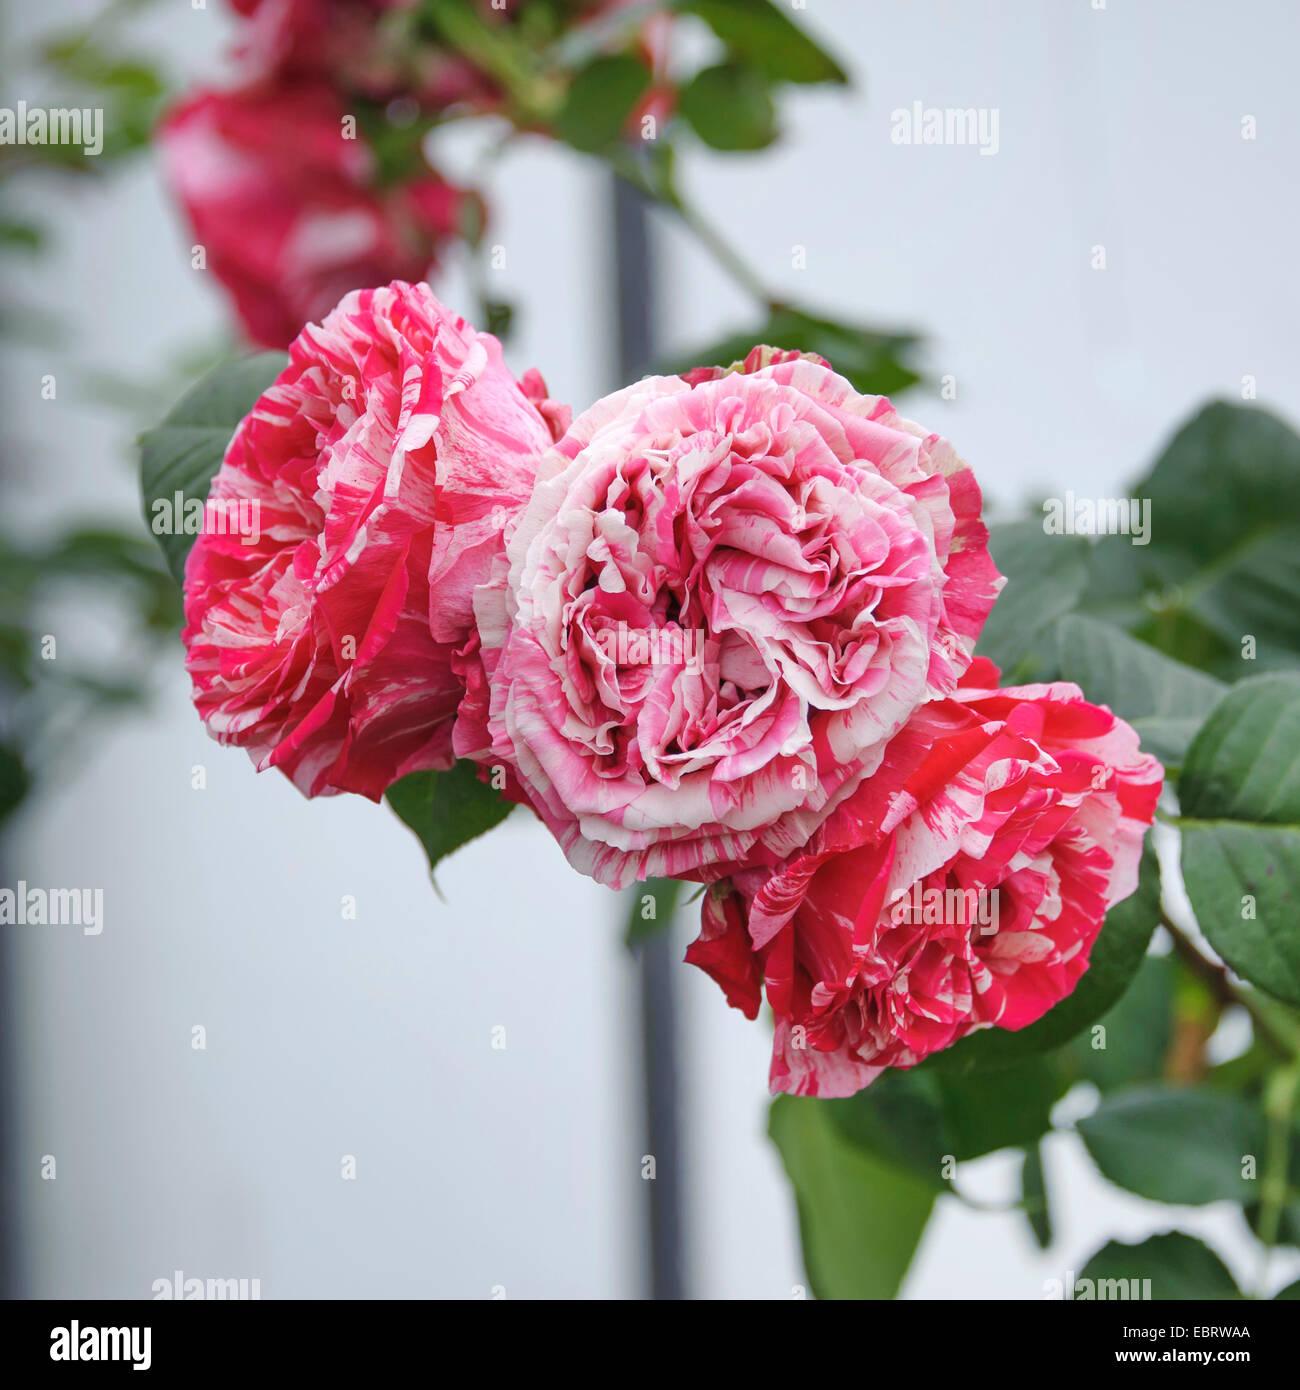 Nostalgie-Rose (Rosa 'Best Impression'), cultivar Best Impression - Stock Image